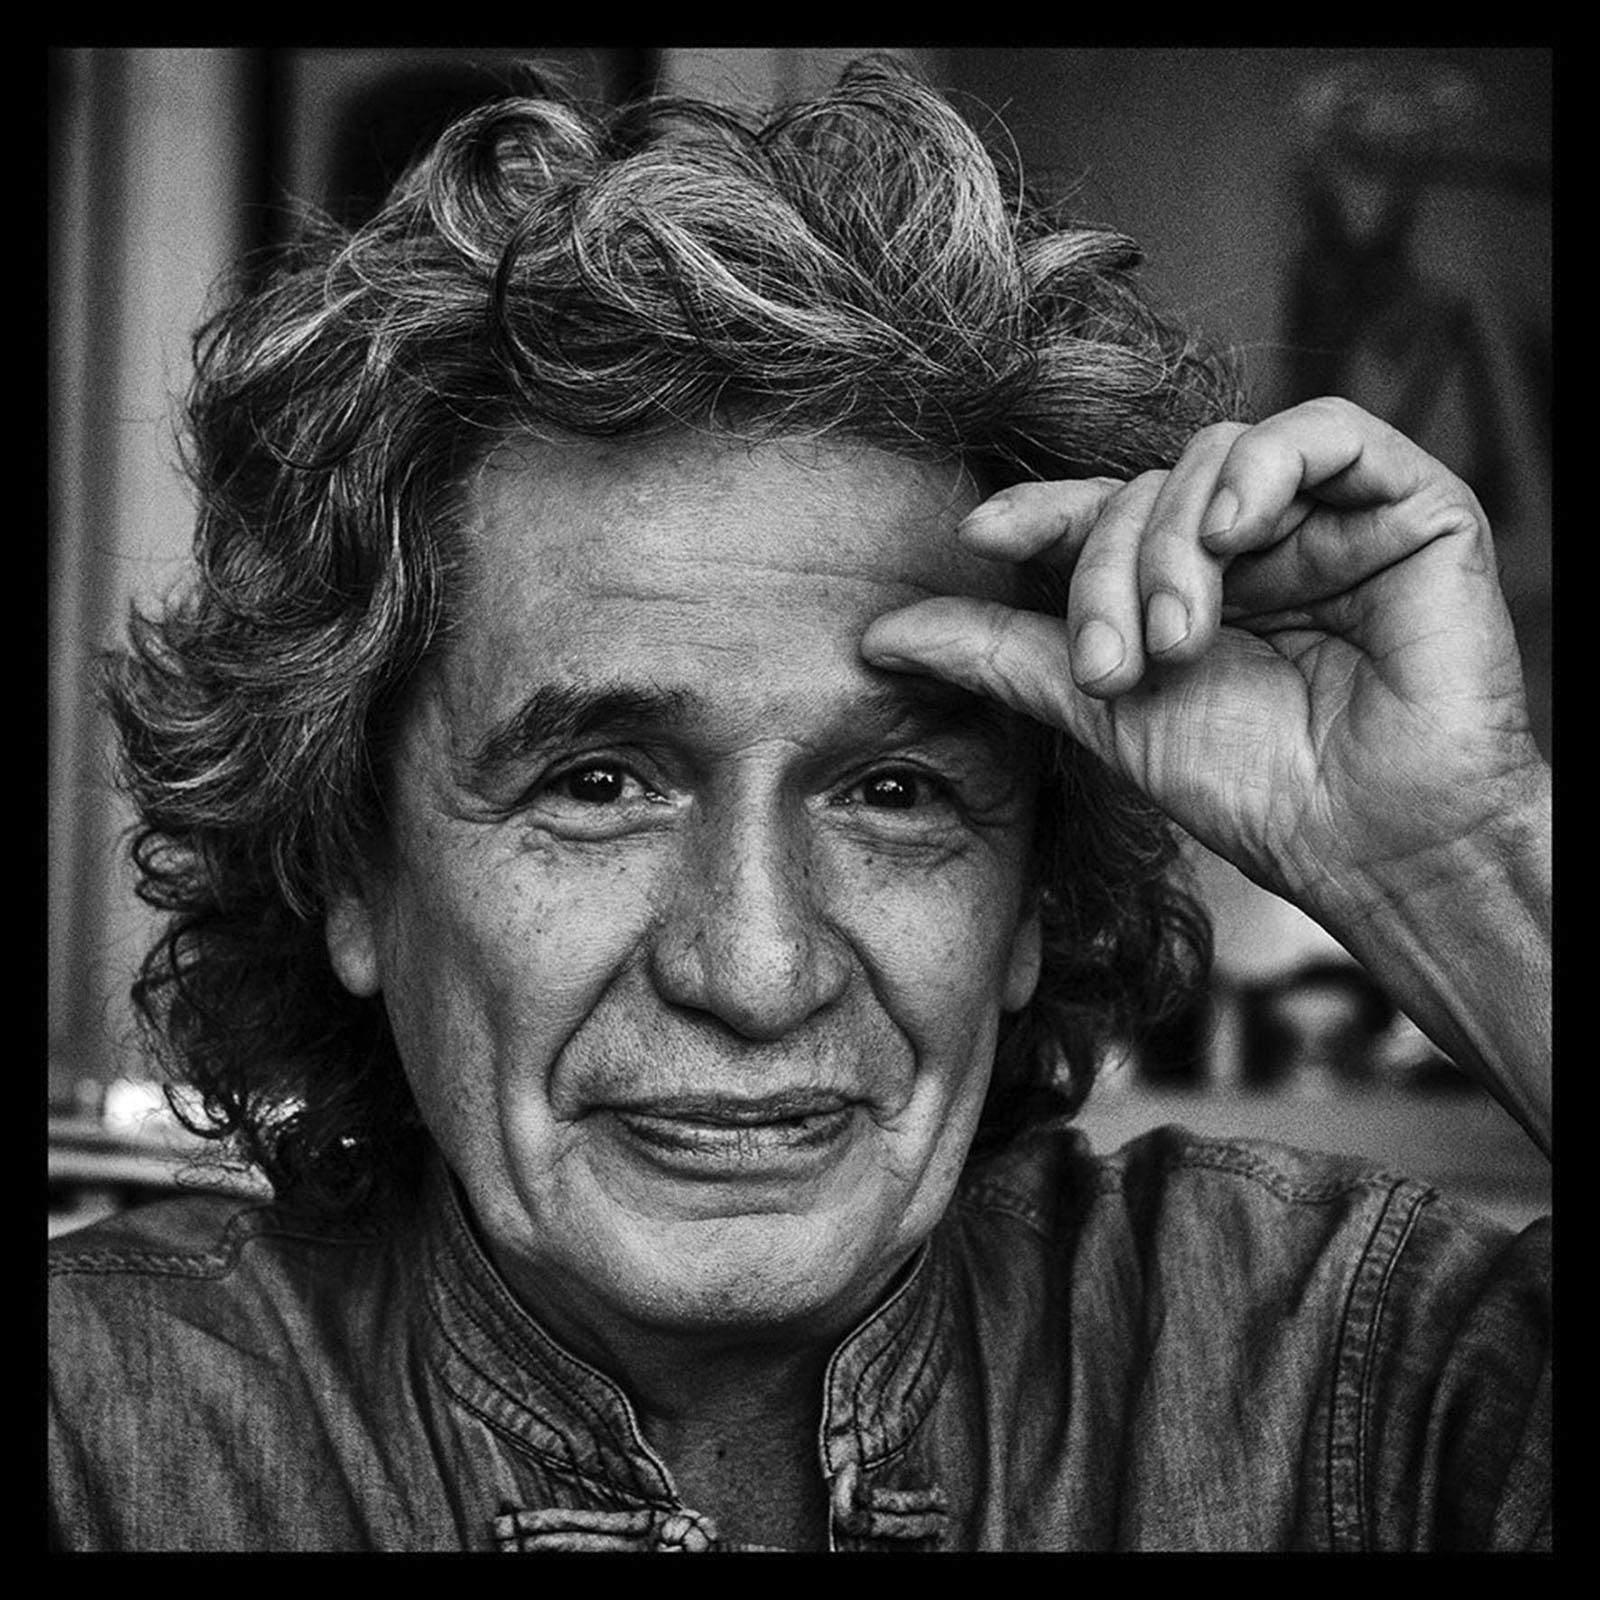 fotograf Rogelio Cuellar